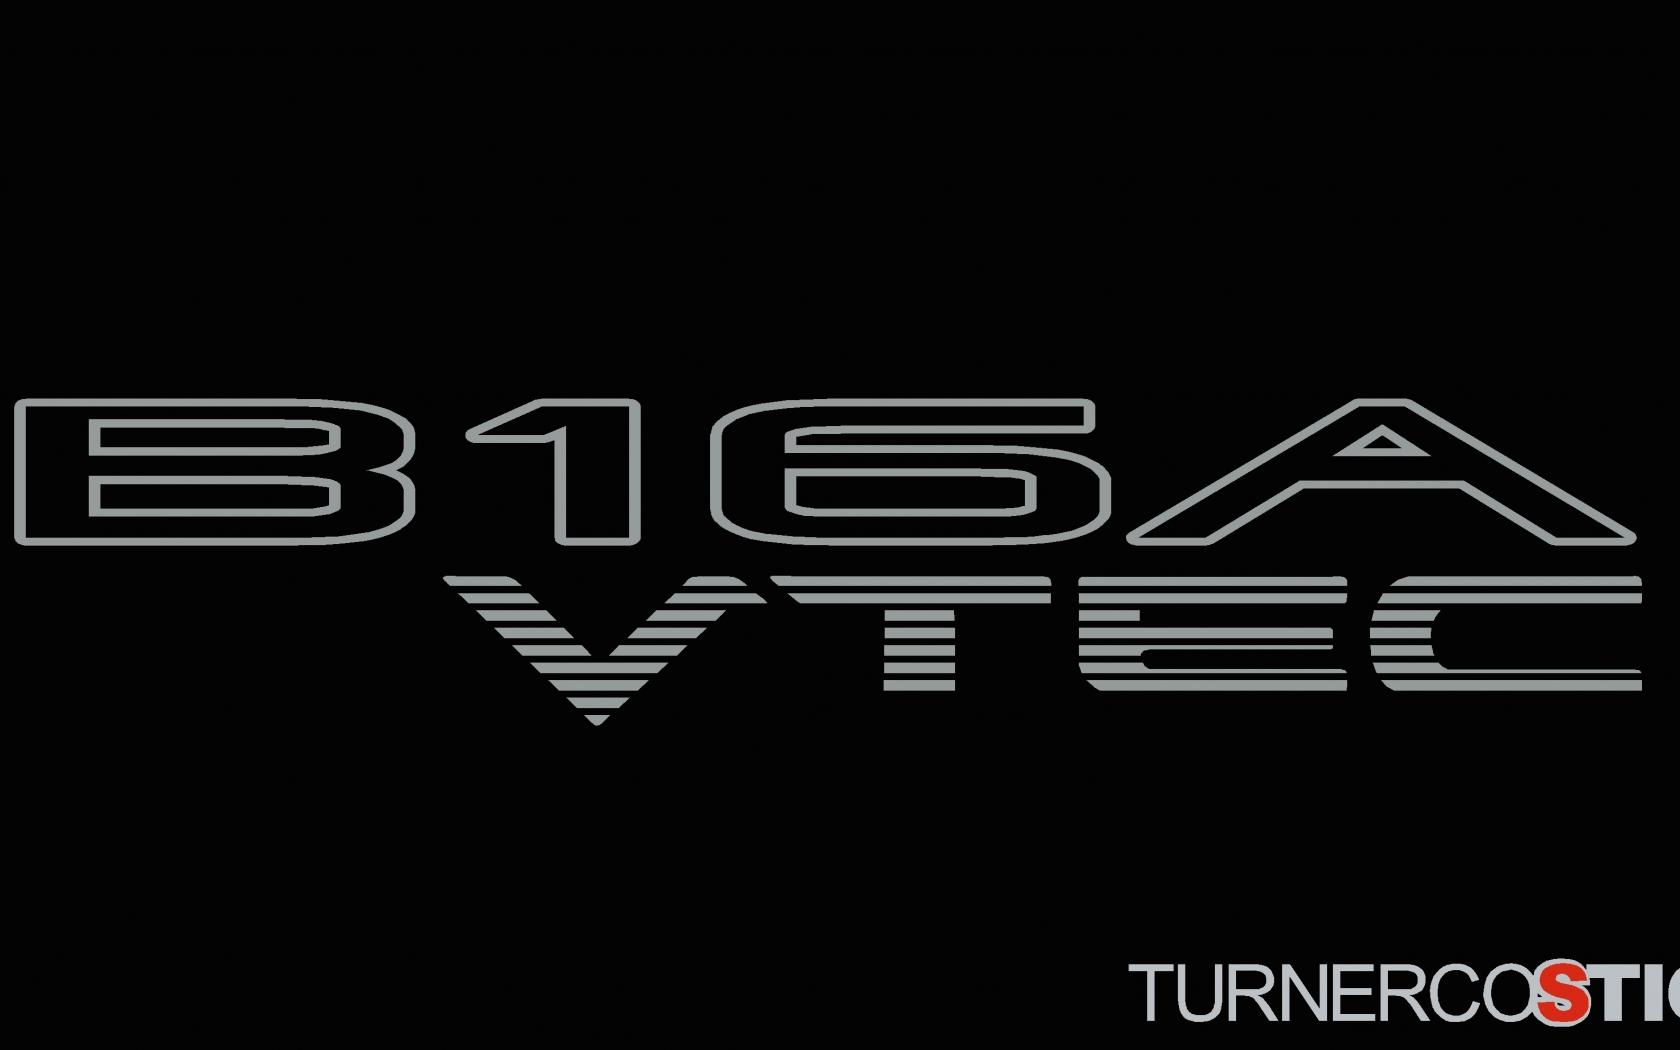 download 2x B16A VTEC honda stickers Decals For DOHC Honda 1680x1050